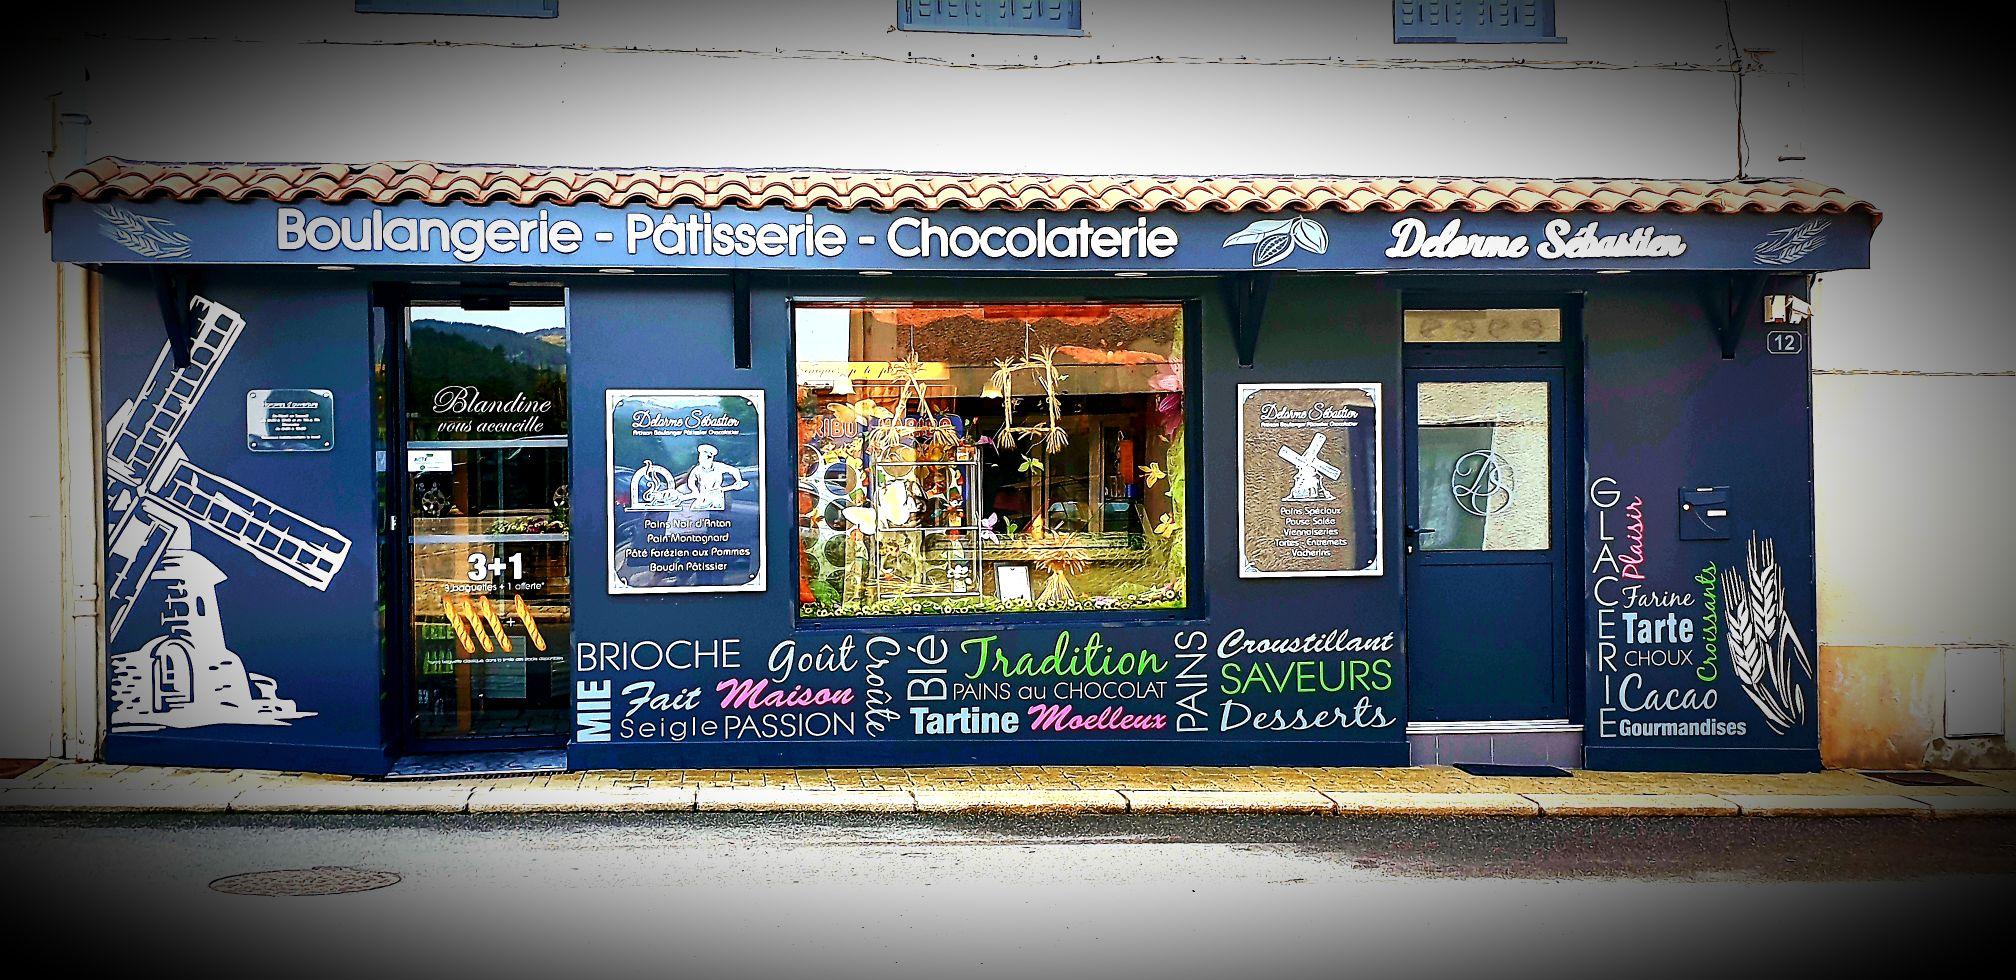 Boulangerie Pâtisserie DELORME - ACTIF ASTRÉE